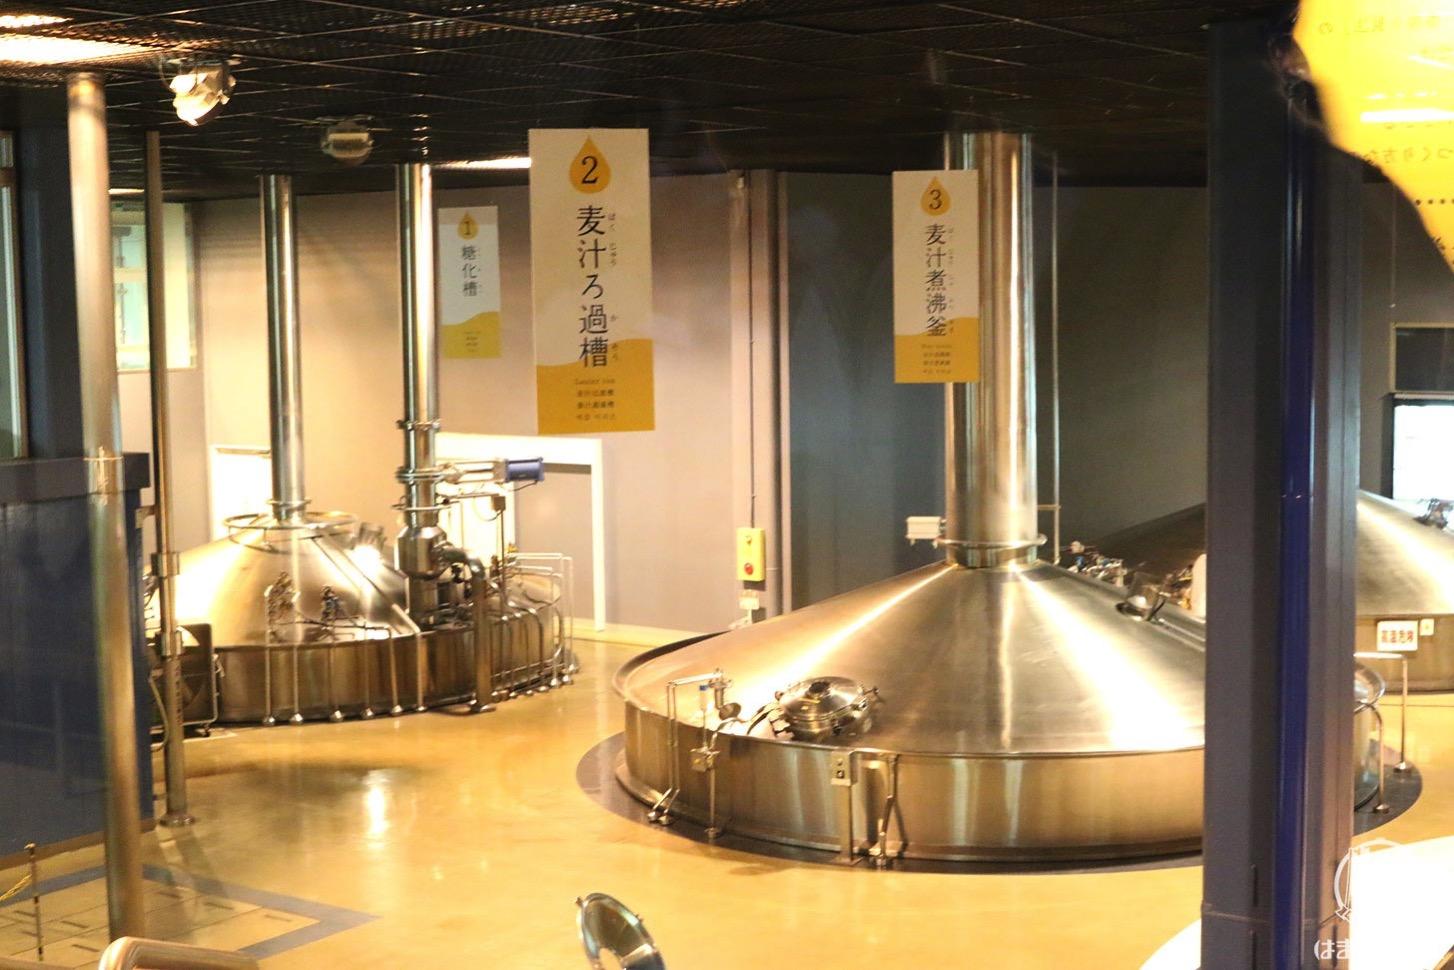 キリンビール横浜工場 工場見学